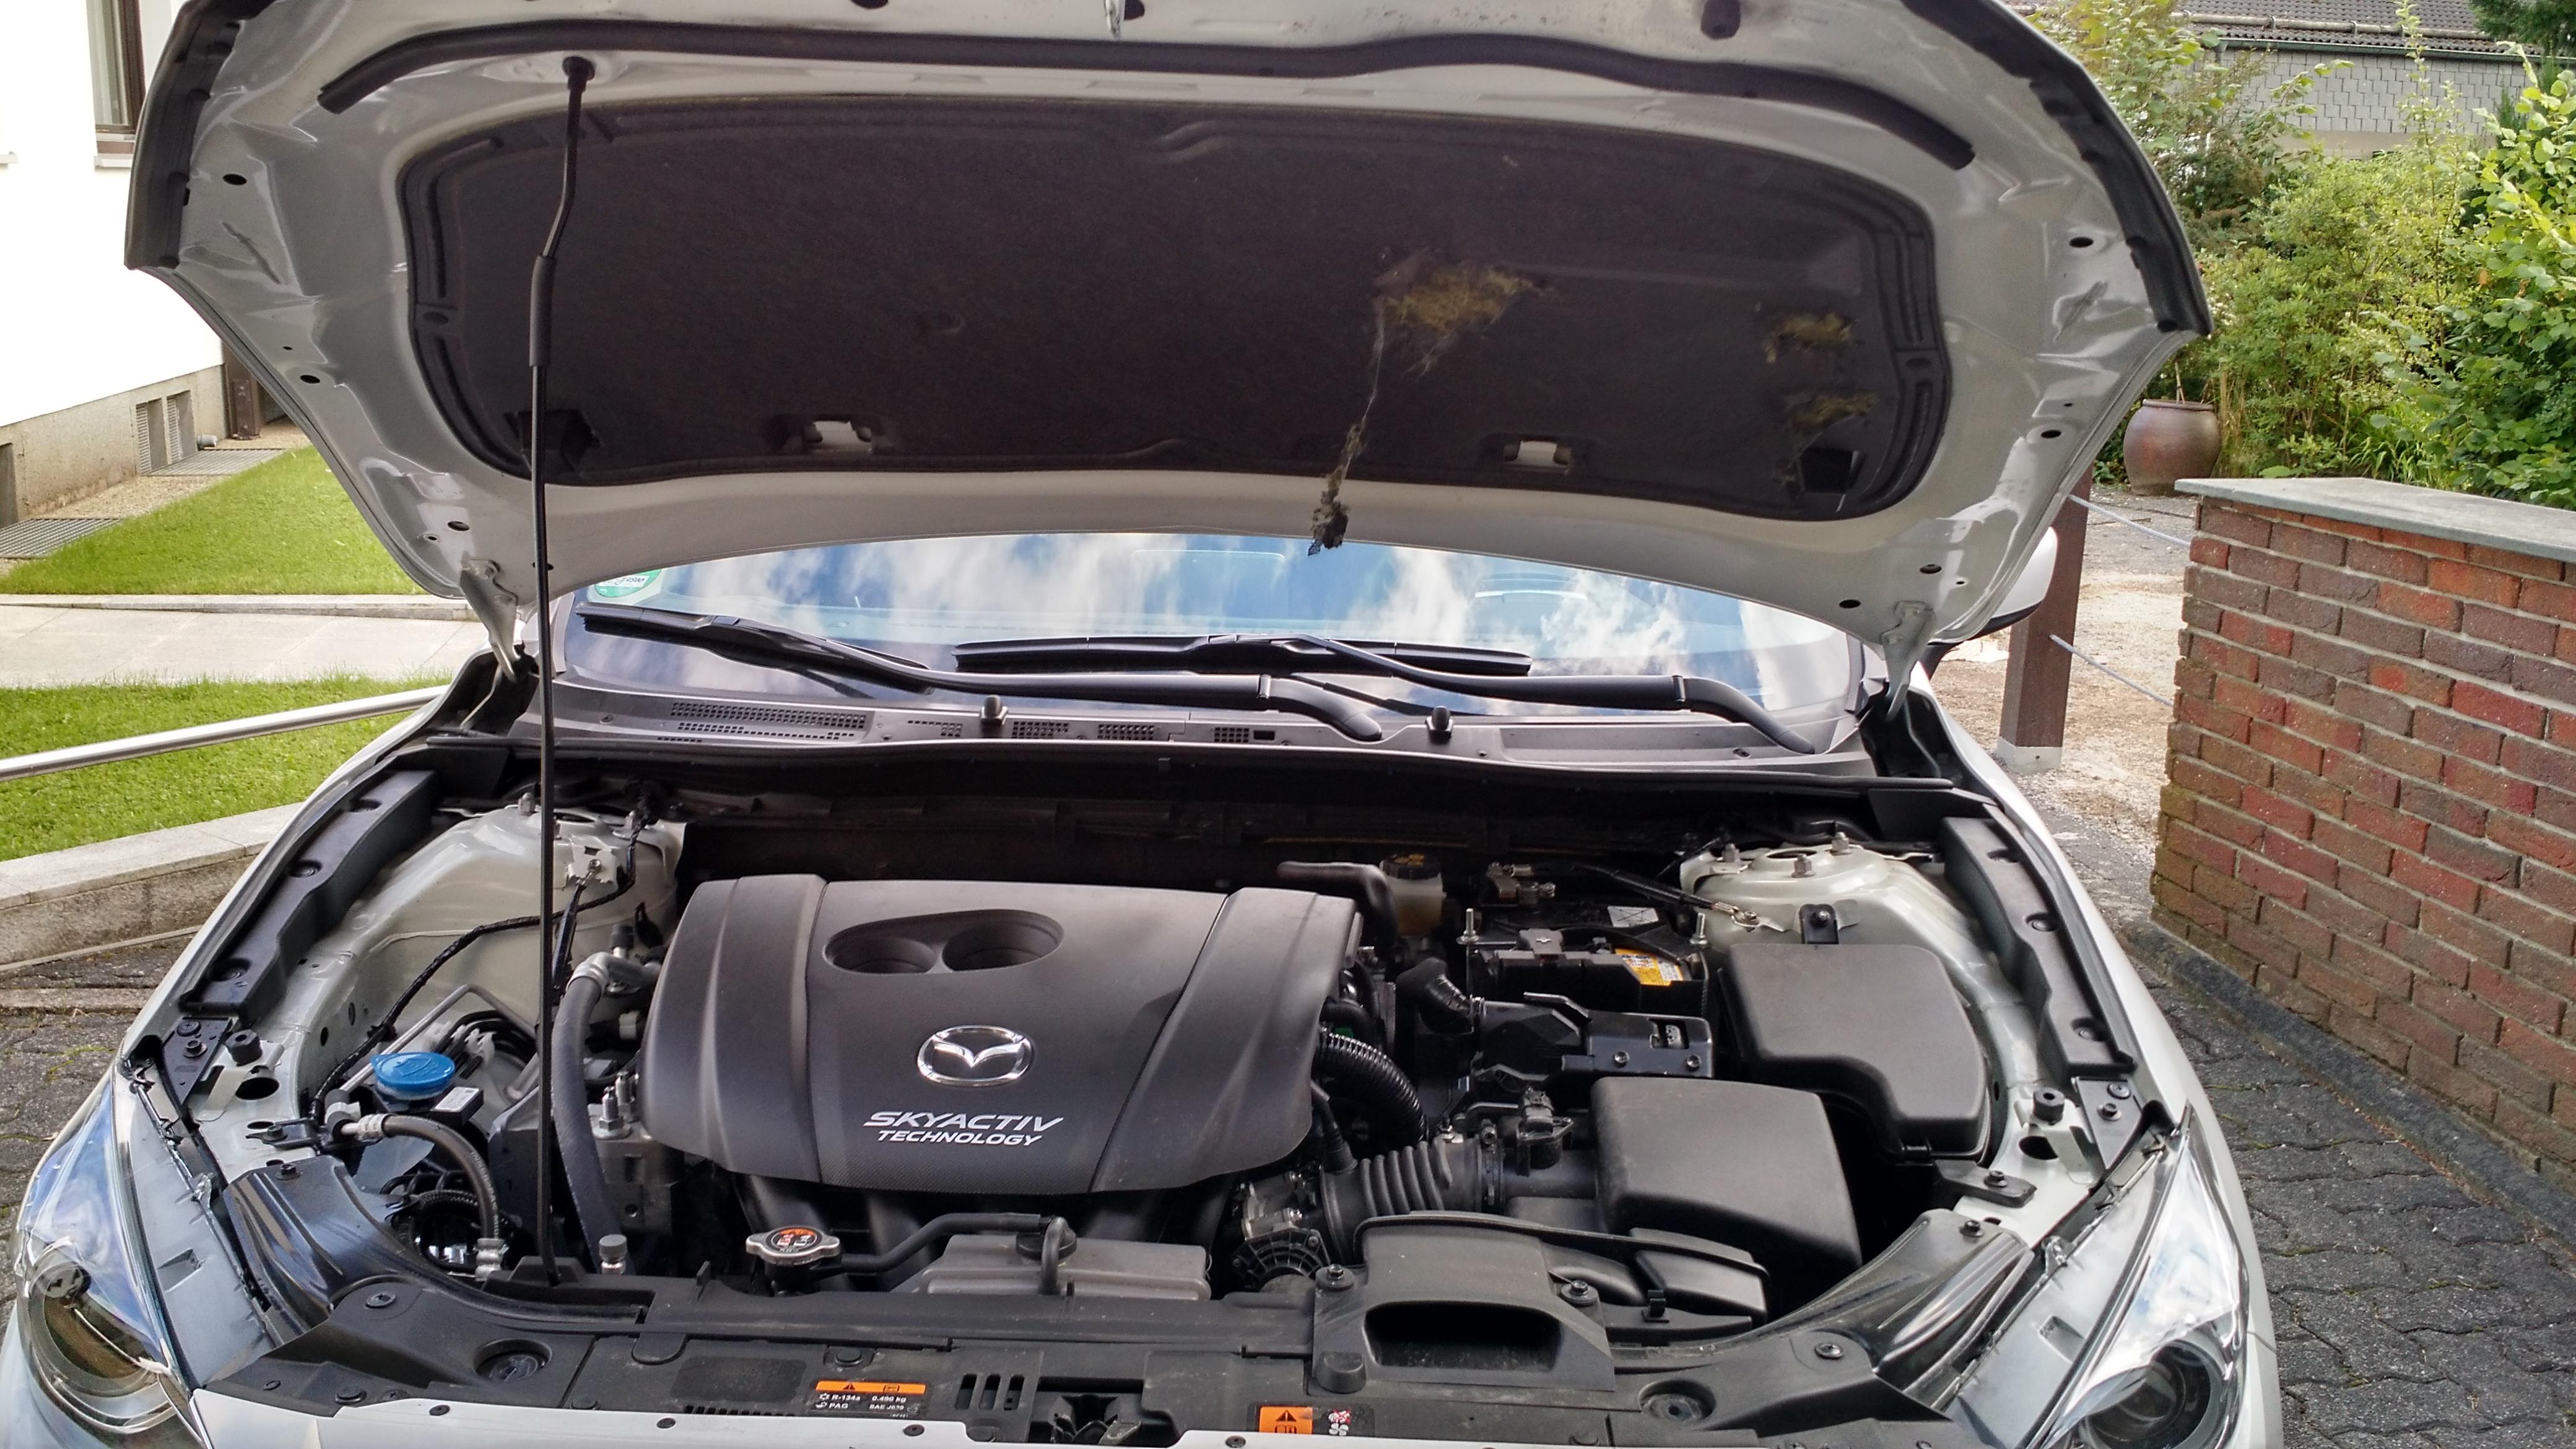 Dämmung unter der Motorhaube beschädigt - wodurch?